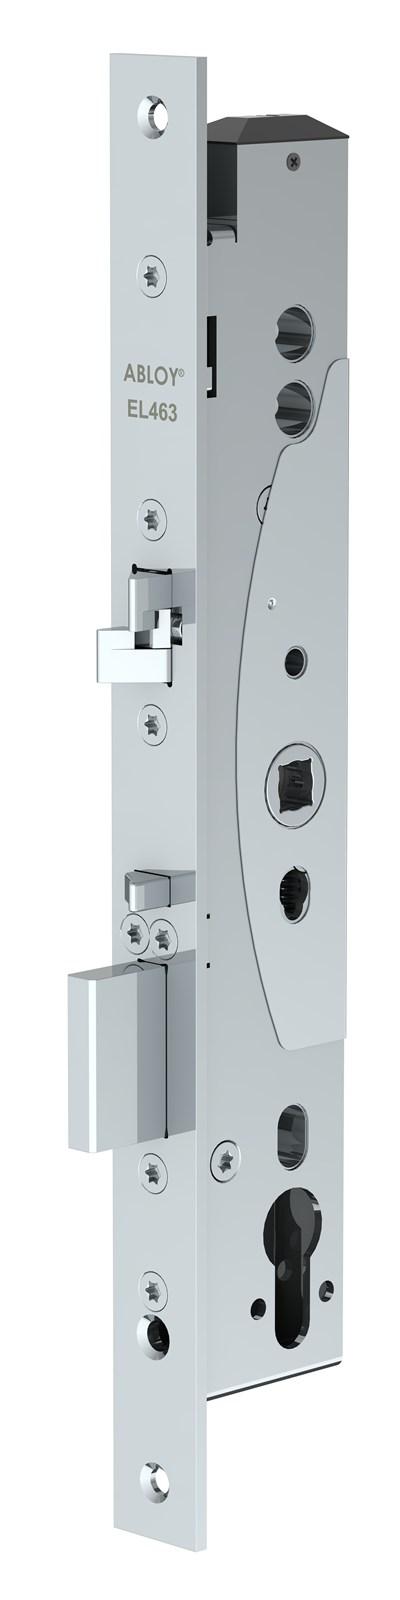 Lock case EL463